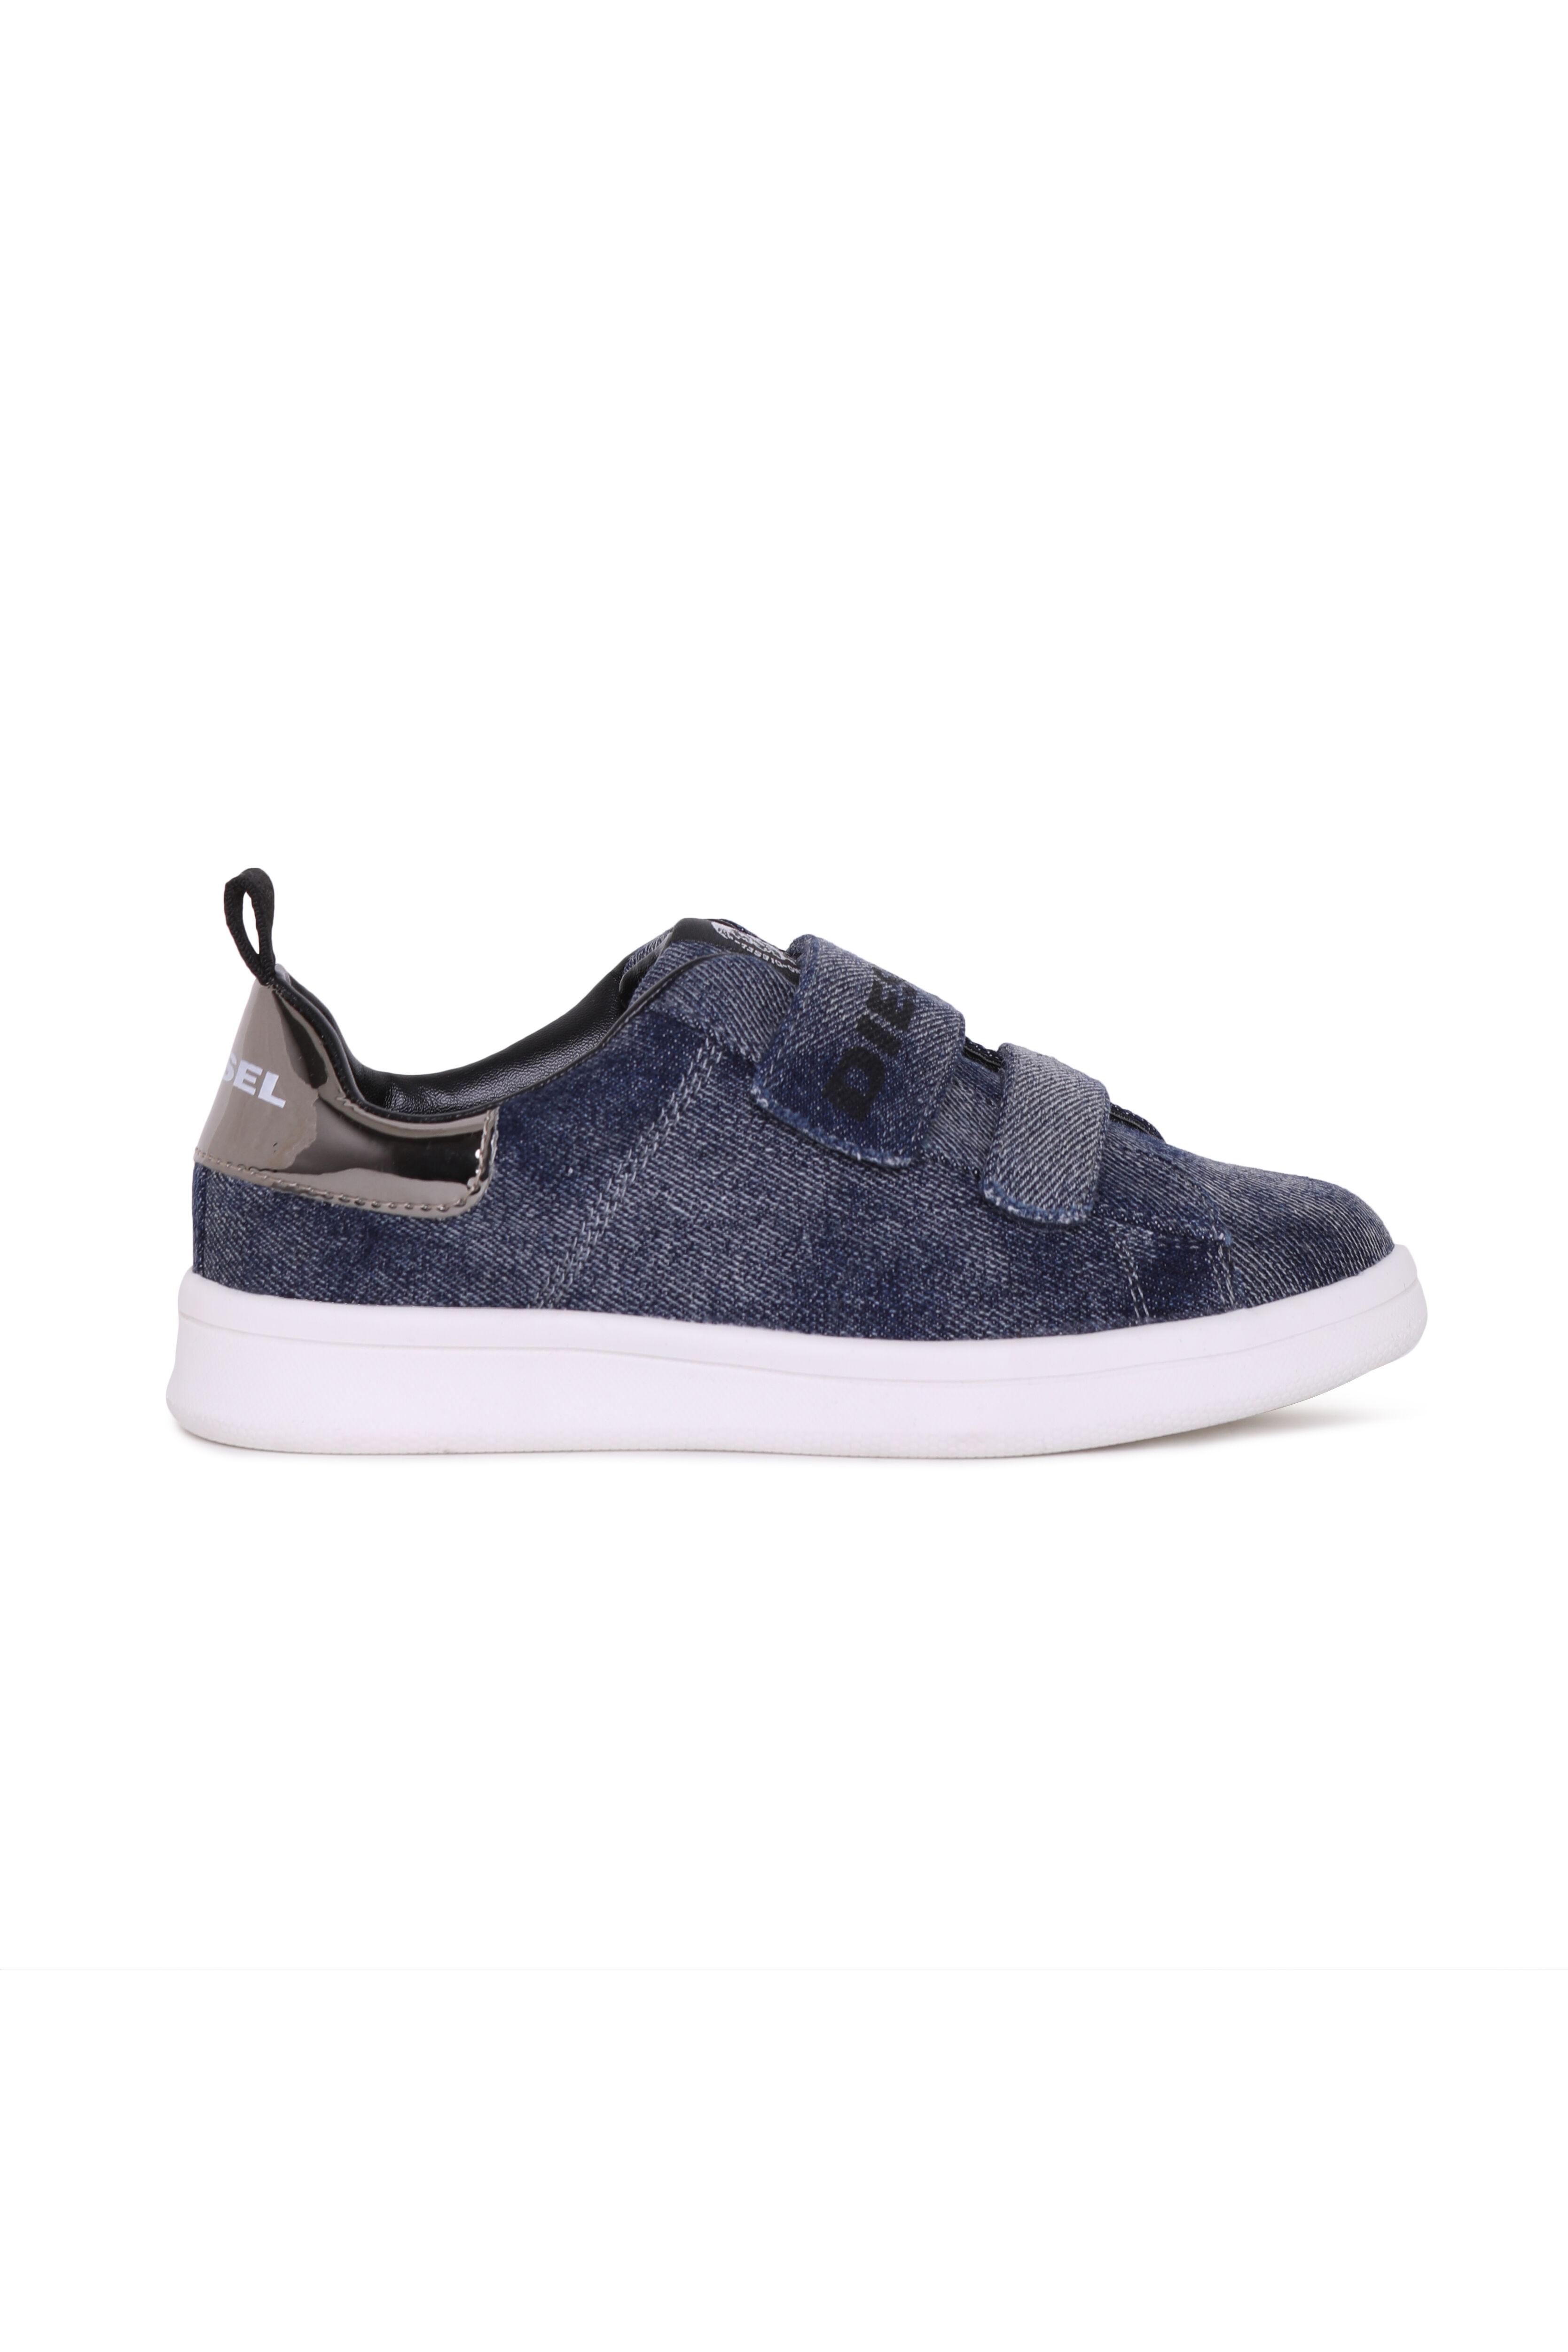 Sneakers S-Sneaker Lsb Ch Sneakers - Diesel Kid